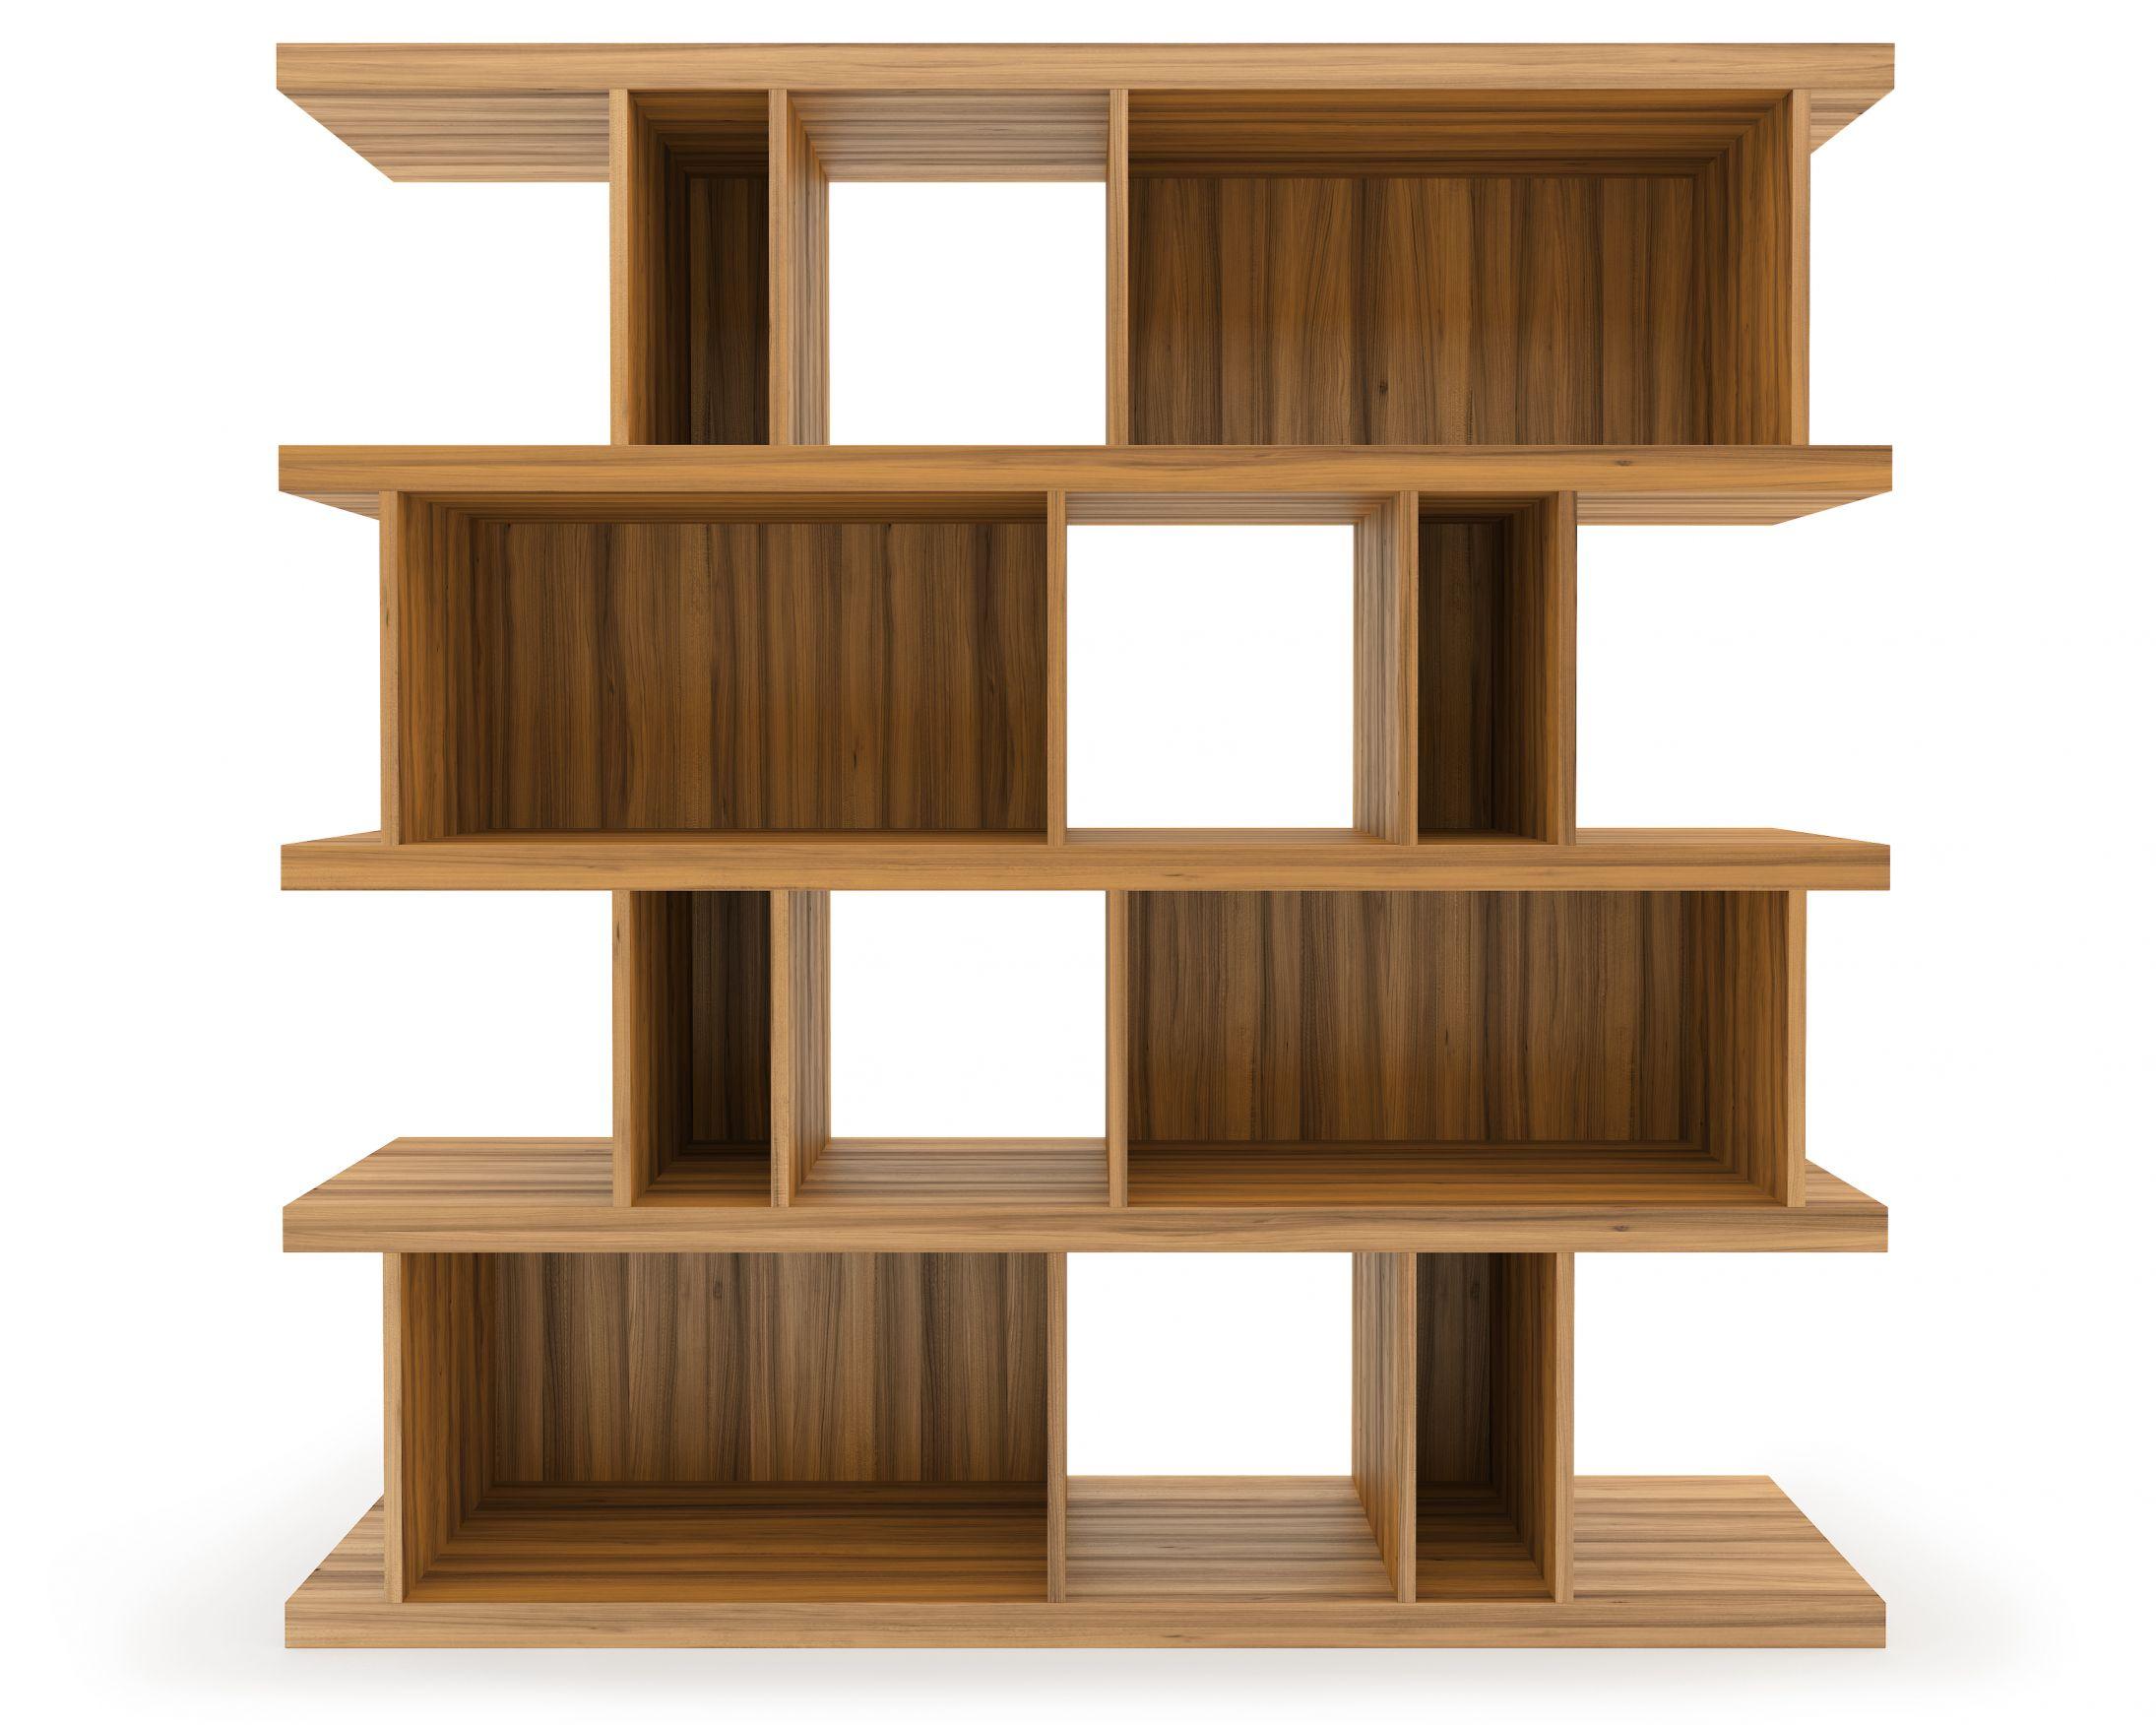 Elias Bookshelf From Rove Concepts